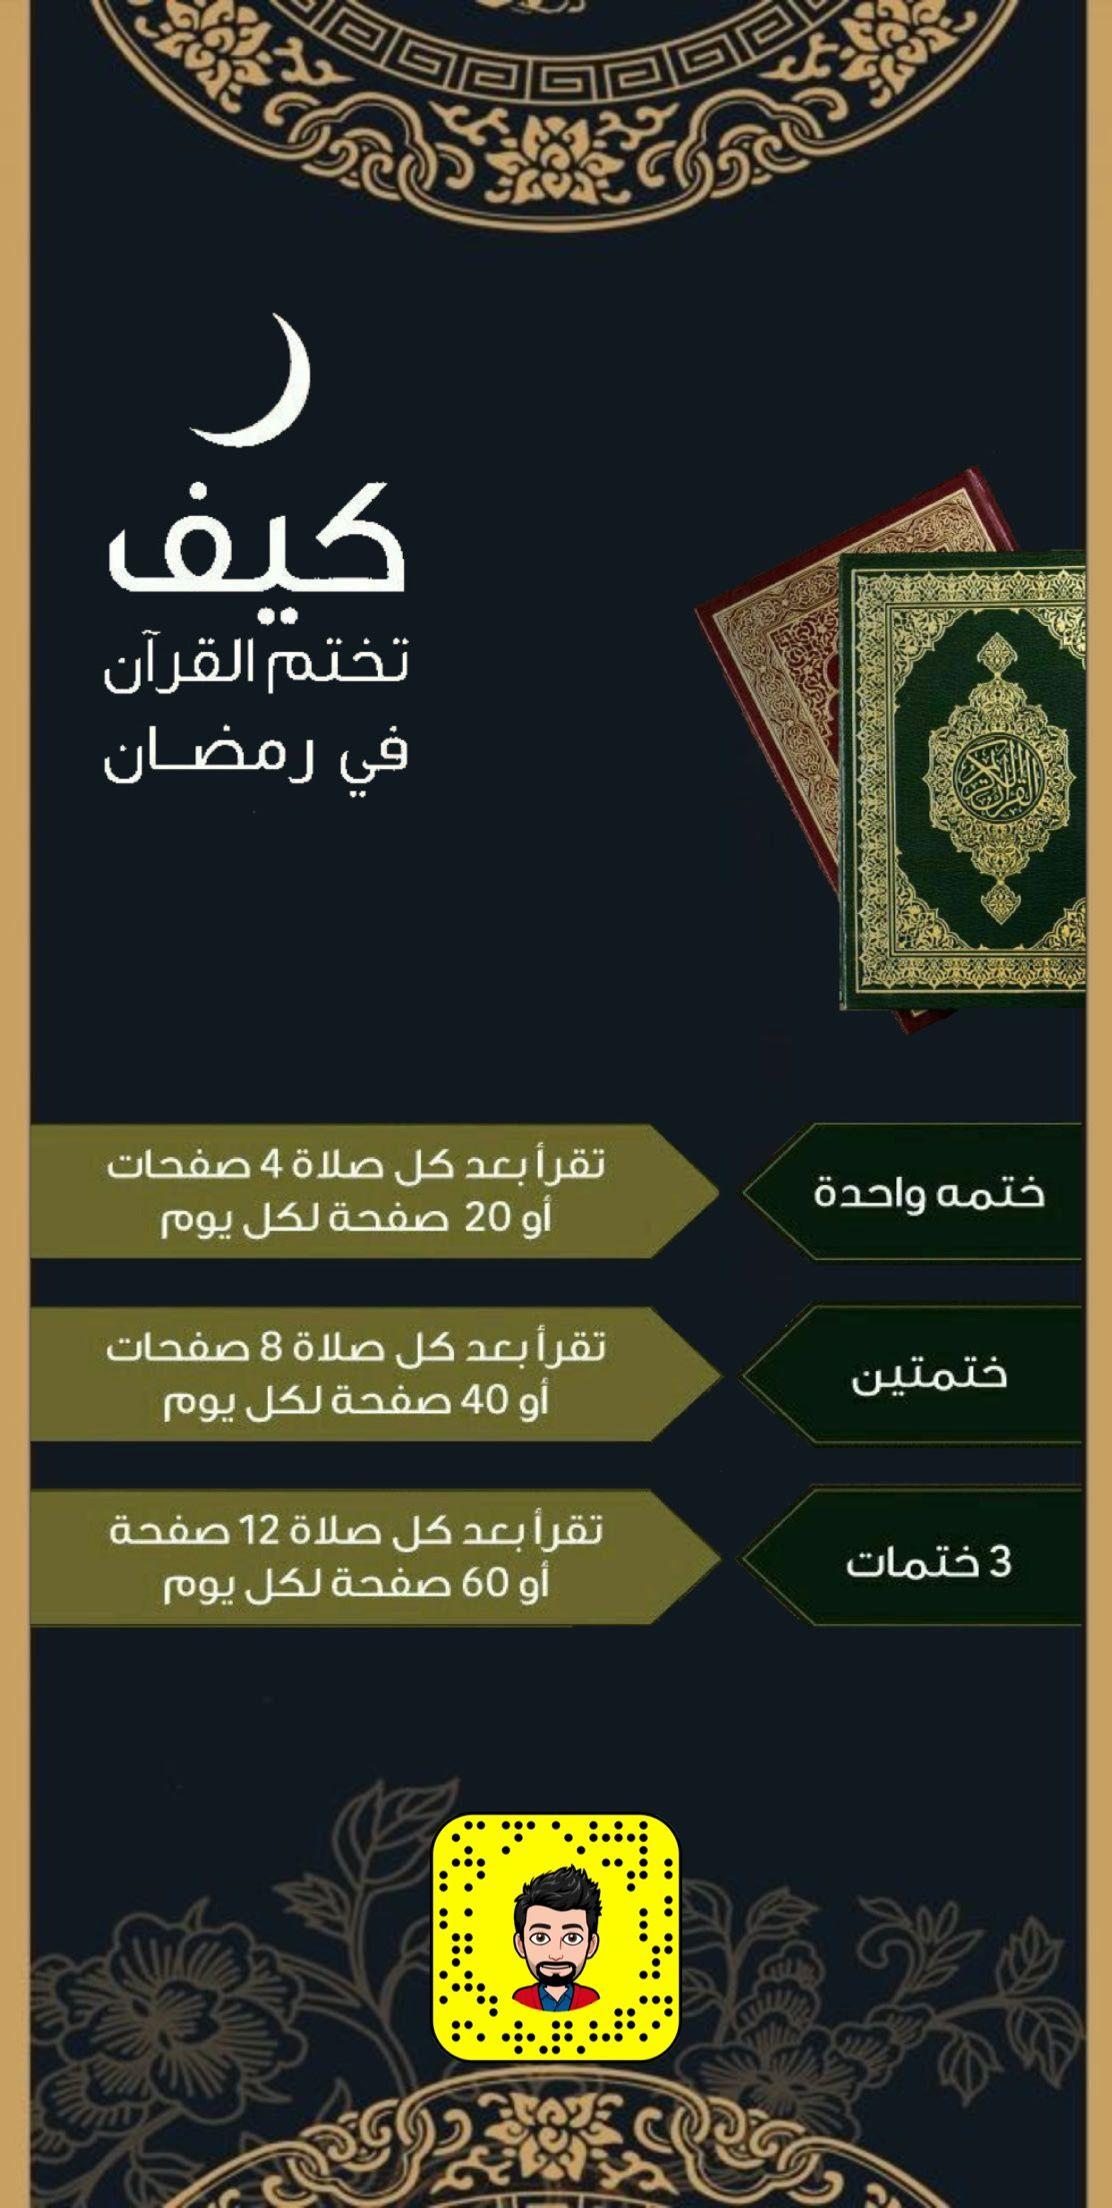 السعودية السعوديه الخليج الشرق الأوسط رمضان Ramadan Pandora Screenshot 60th